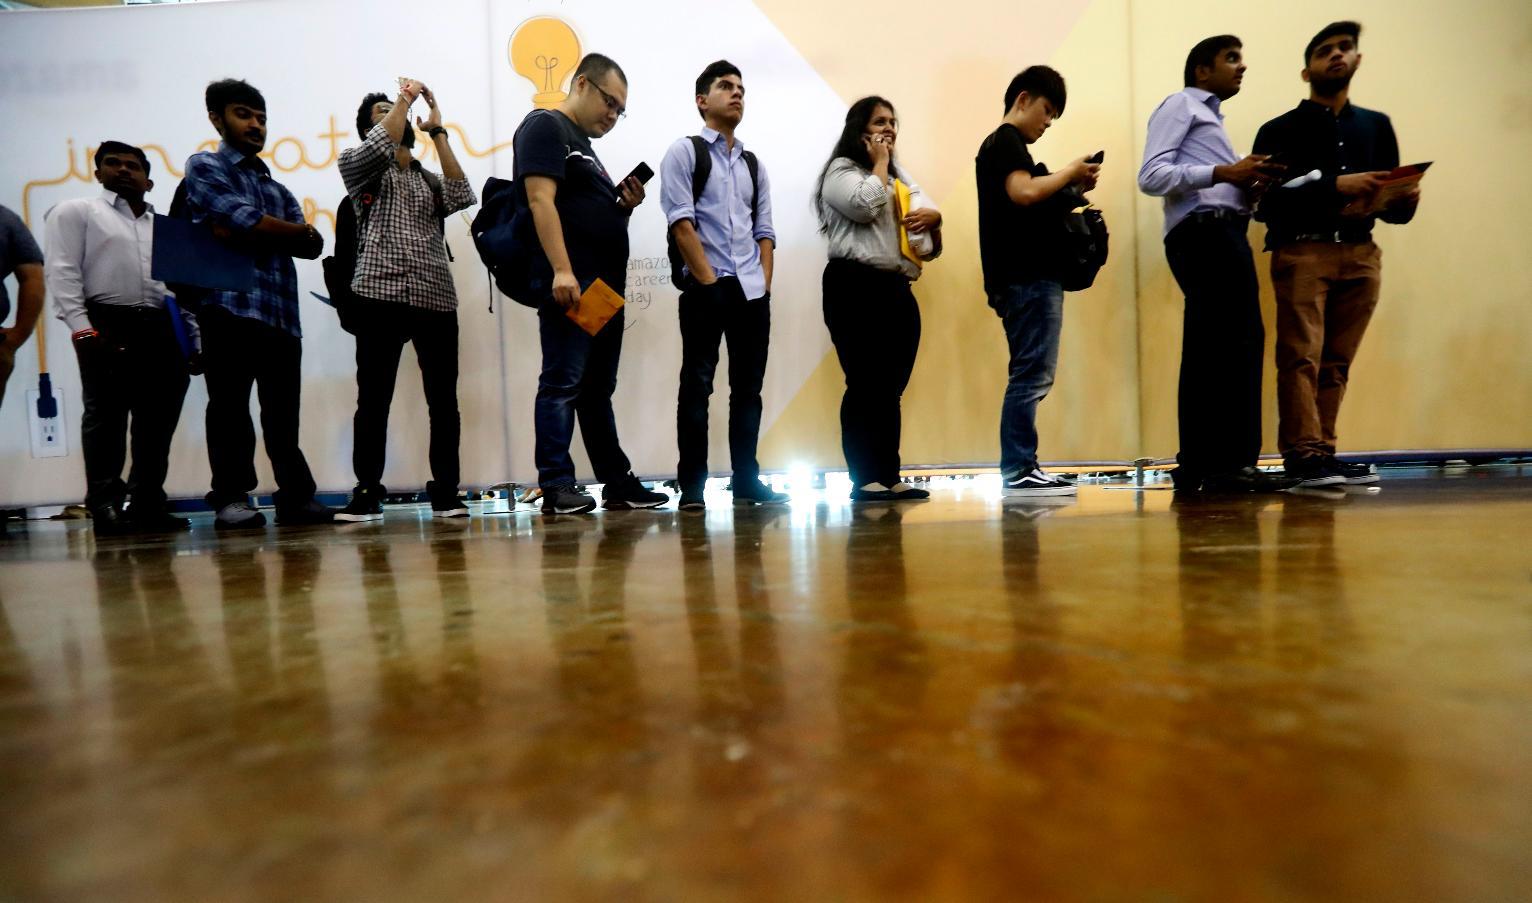 أرقام إعانات البطالة الأمريكية تضغط على الدولار الأمريكي